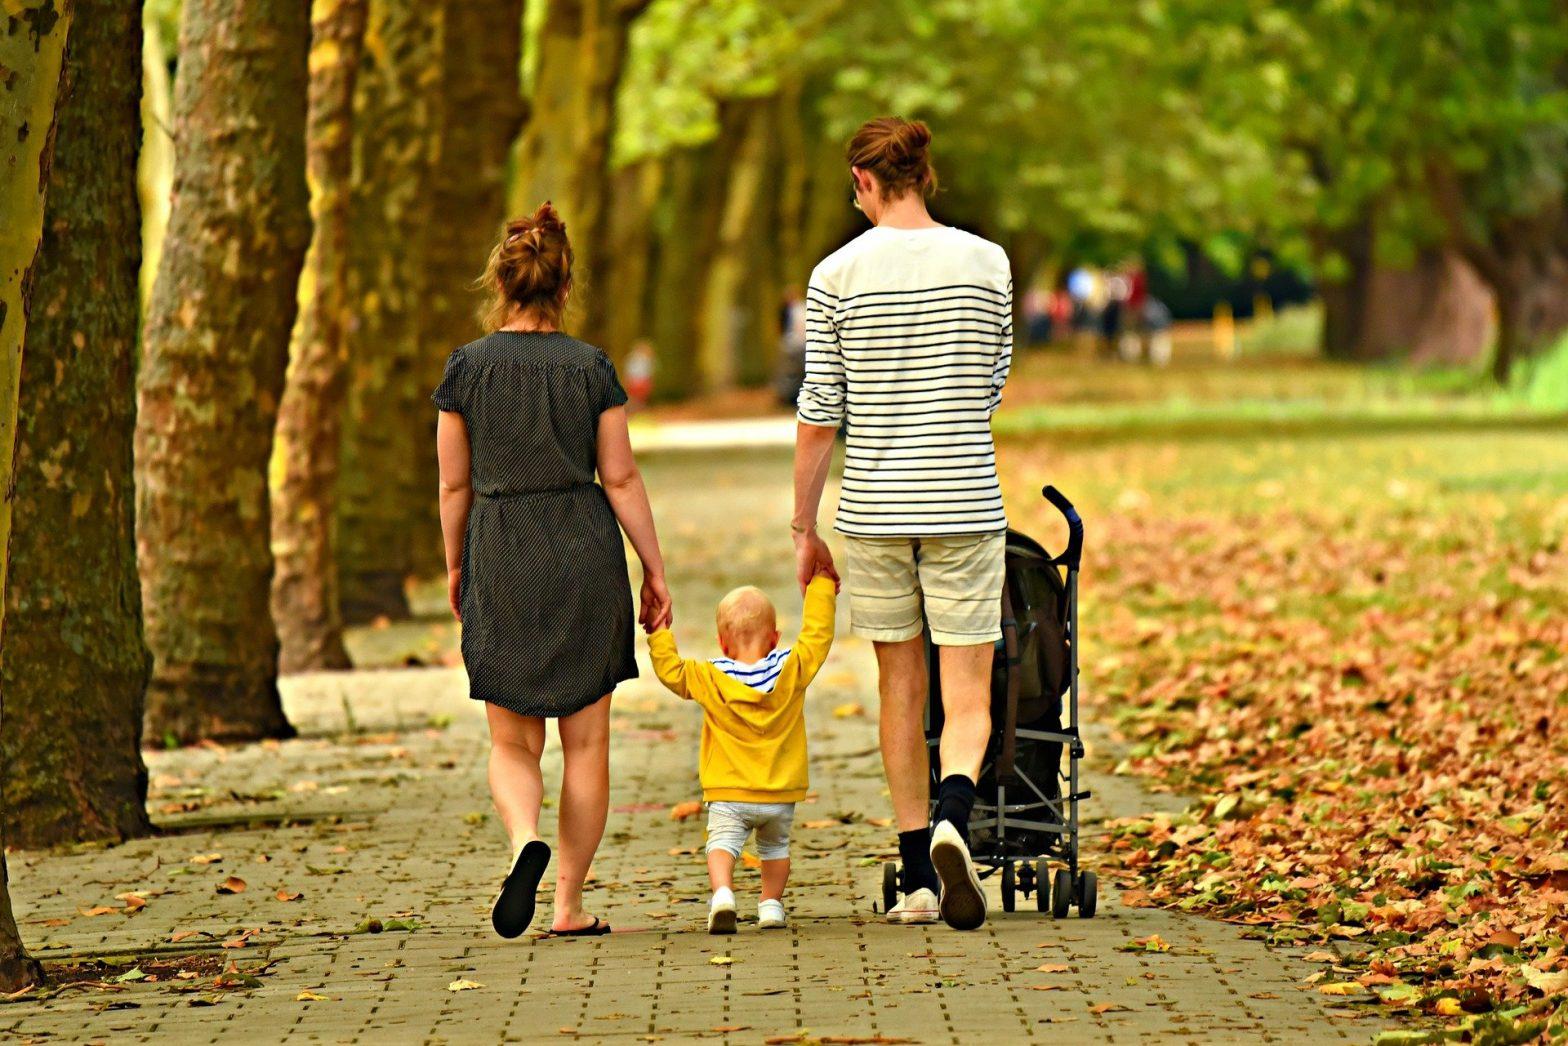 Foto de uma familia caminhando no parque com um bebê. Imagem ilustrativa para o texto sinistro no seguro de vida.